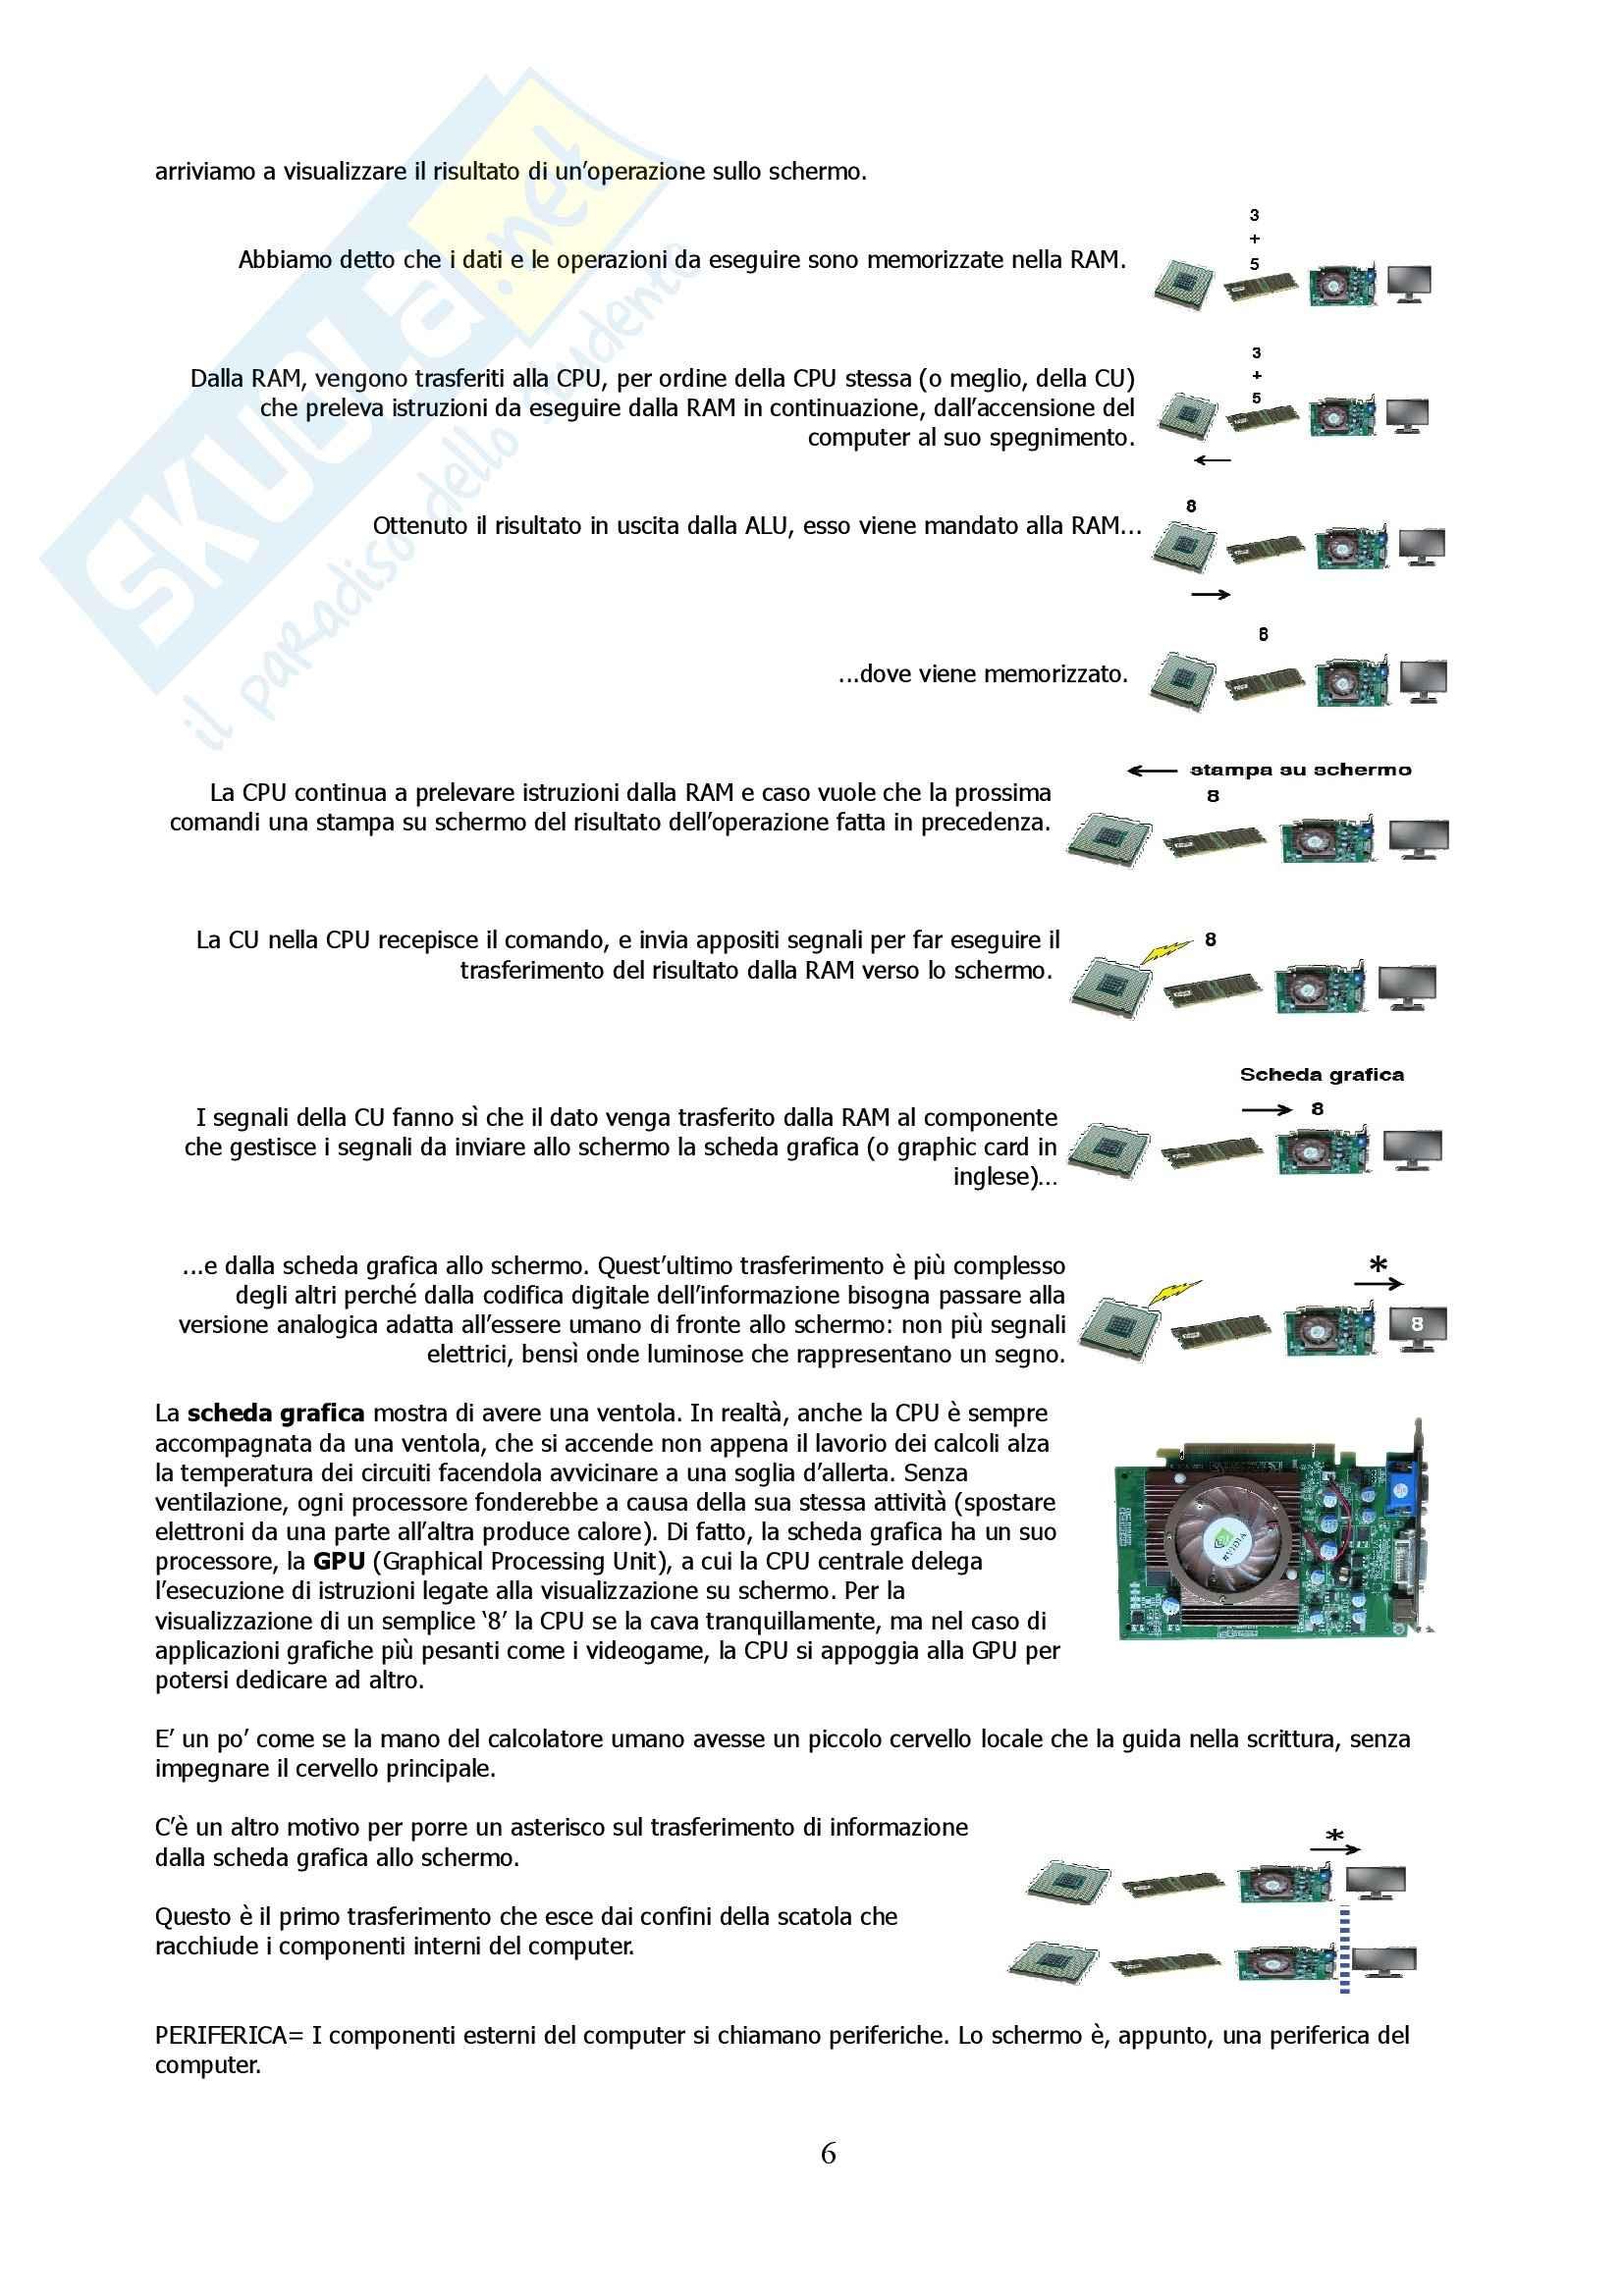 Informatica per la comunicazione - Appunti Pag. 6